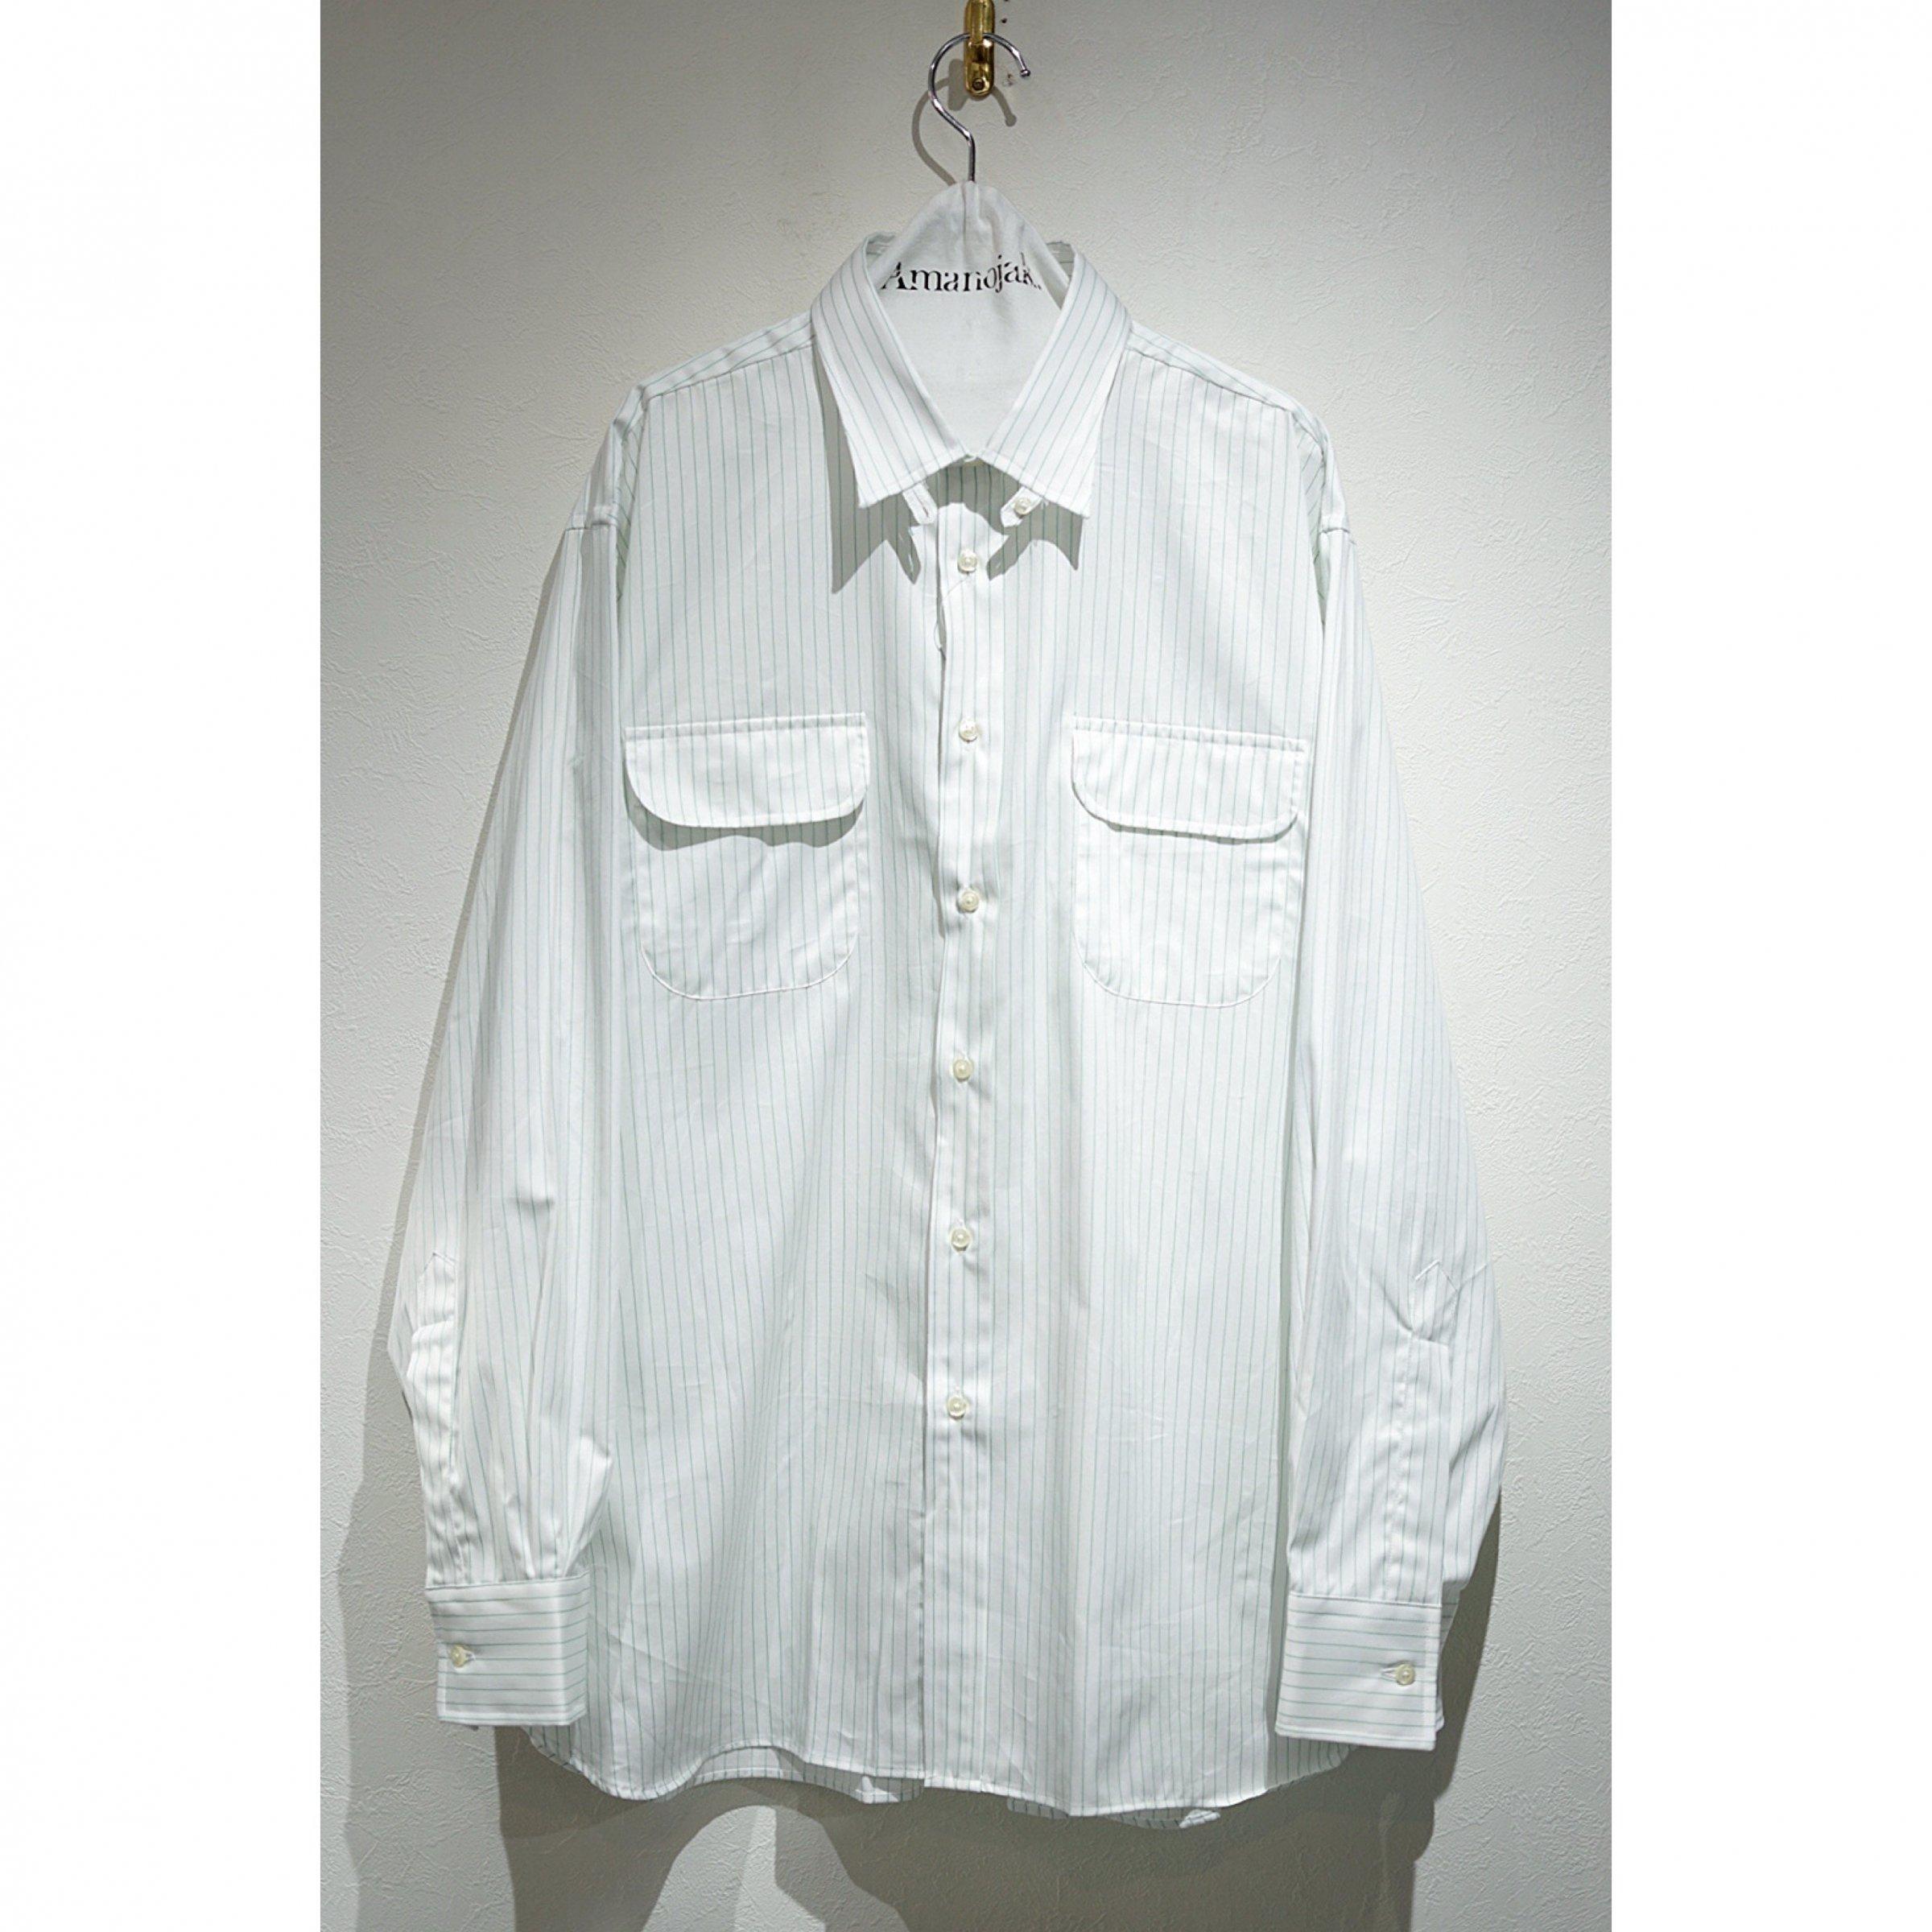 DRESS-OFFICER TAB COLLAR SHIRT